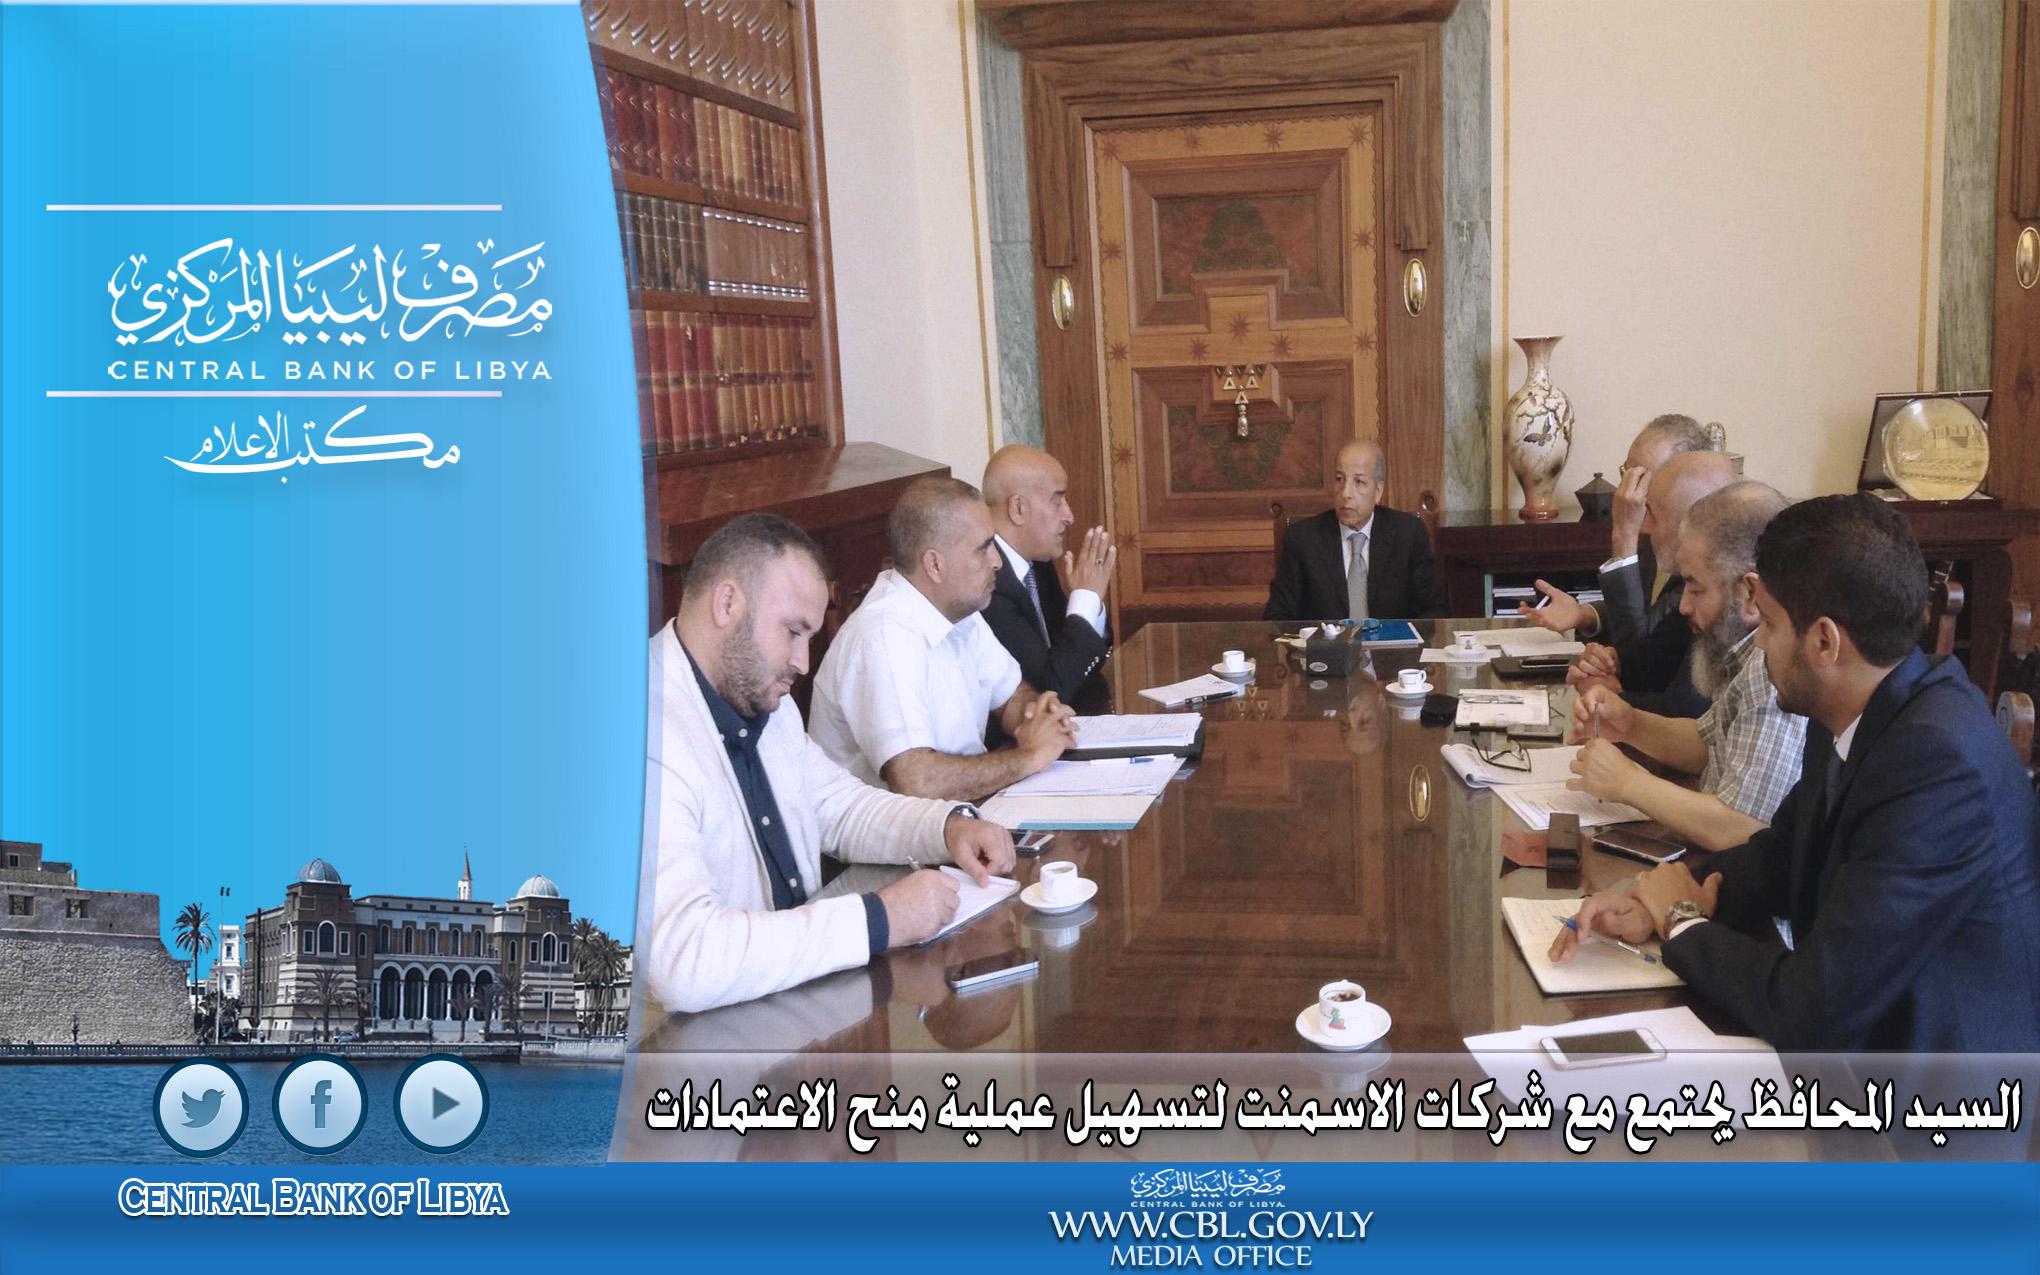 محافظ مصرف ليبيا المركزي يجتمع مع شركات الاسمنت لتسهيل عملية منح الاعتمادات وتحسين الانتاج المحلي